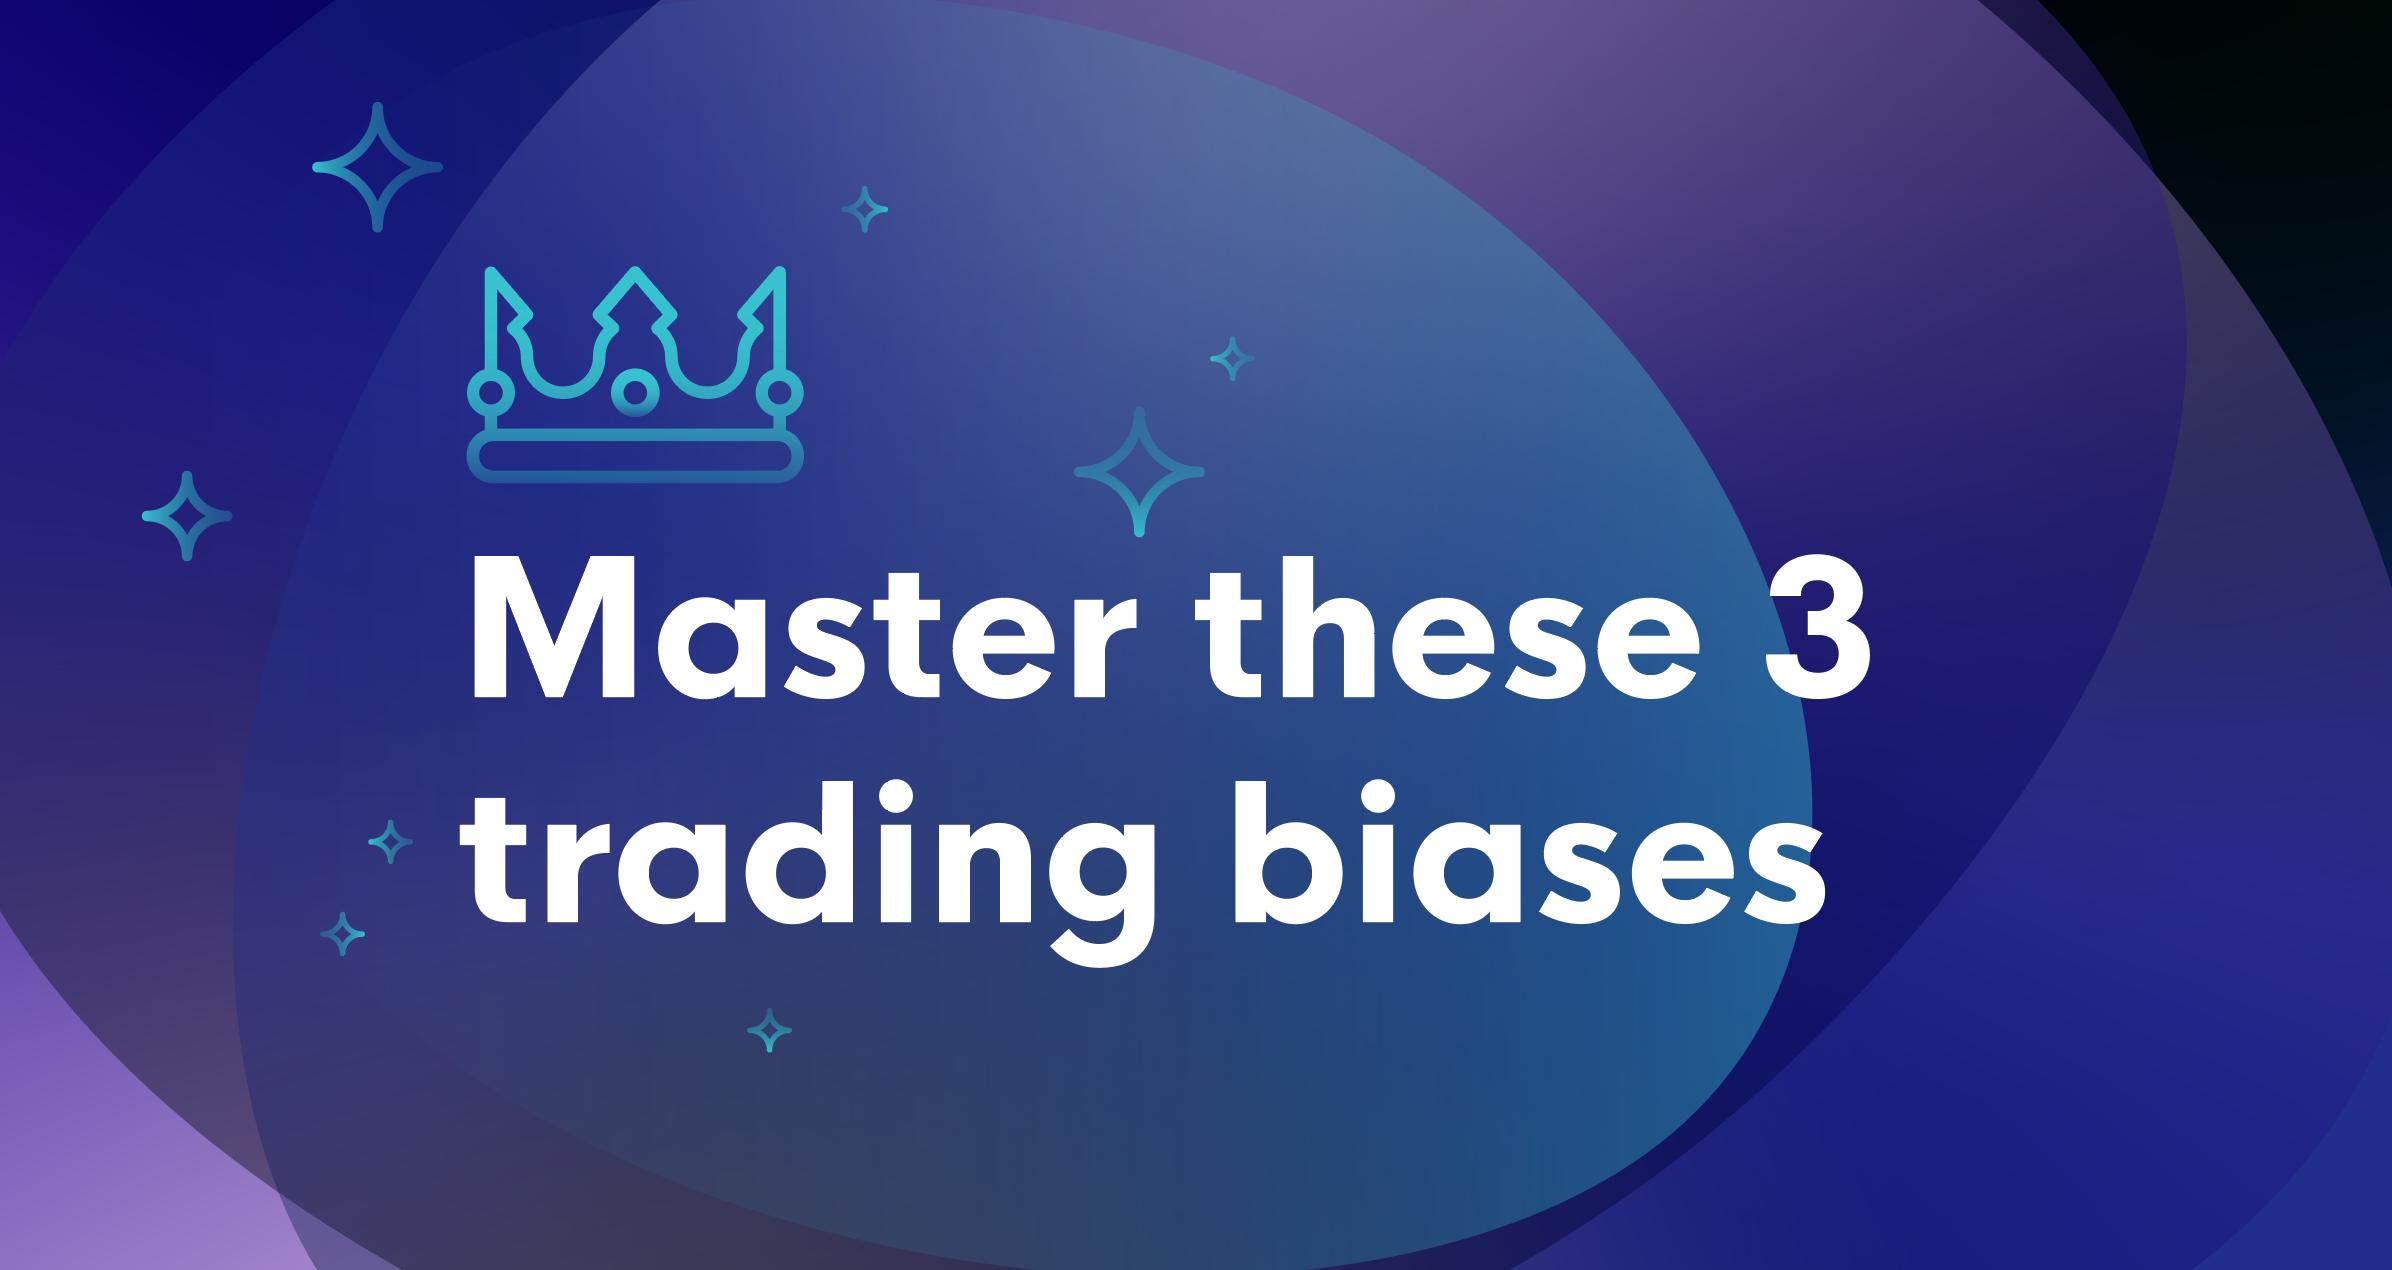 Mastering trading biases